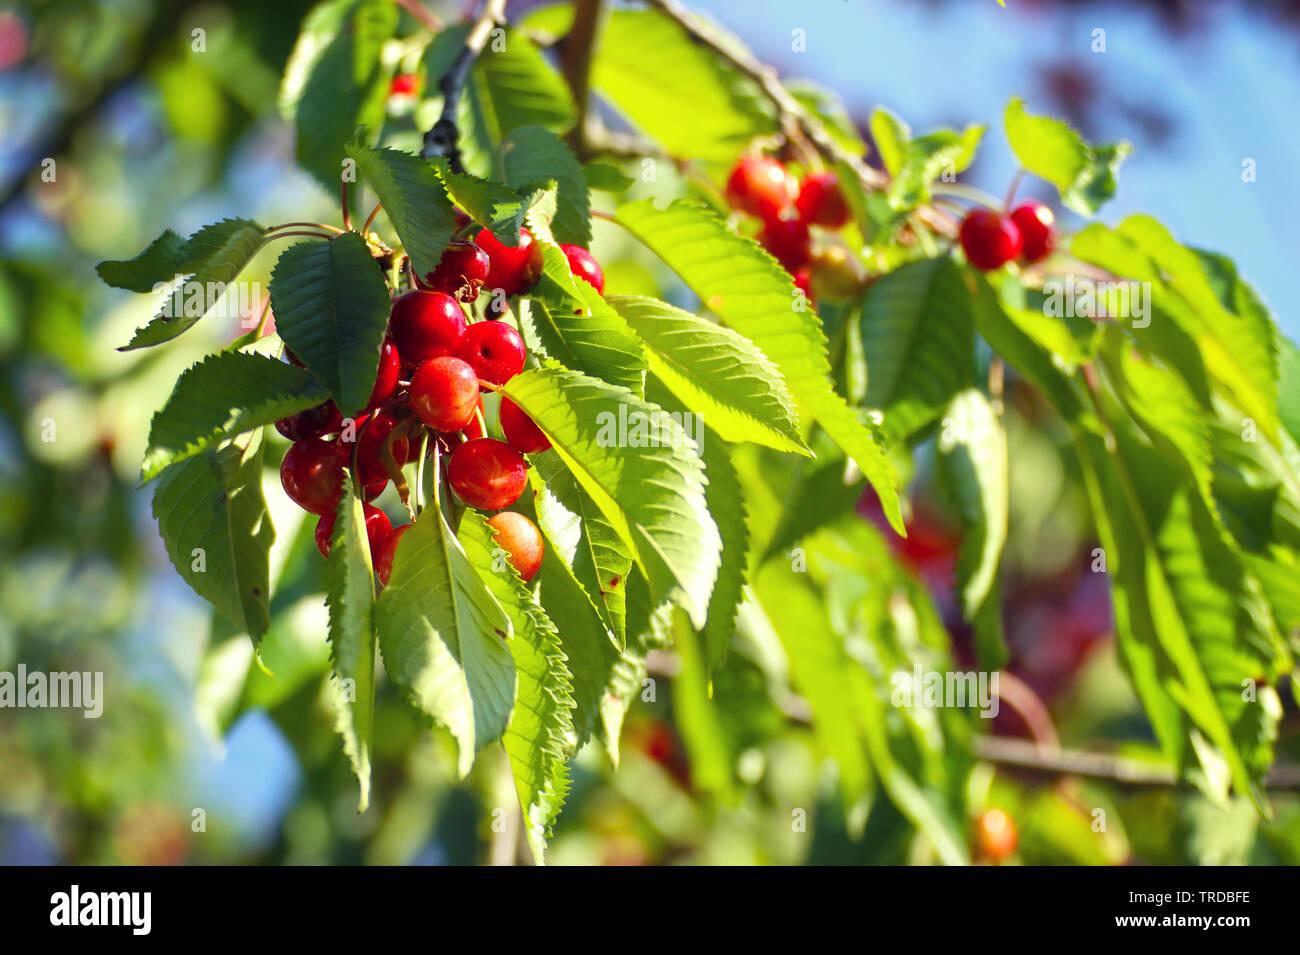 Les cerises mûres (Prunus cerasus) en attendant de les branches de l'arbre prêt pour la récolte Banque D'Images